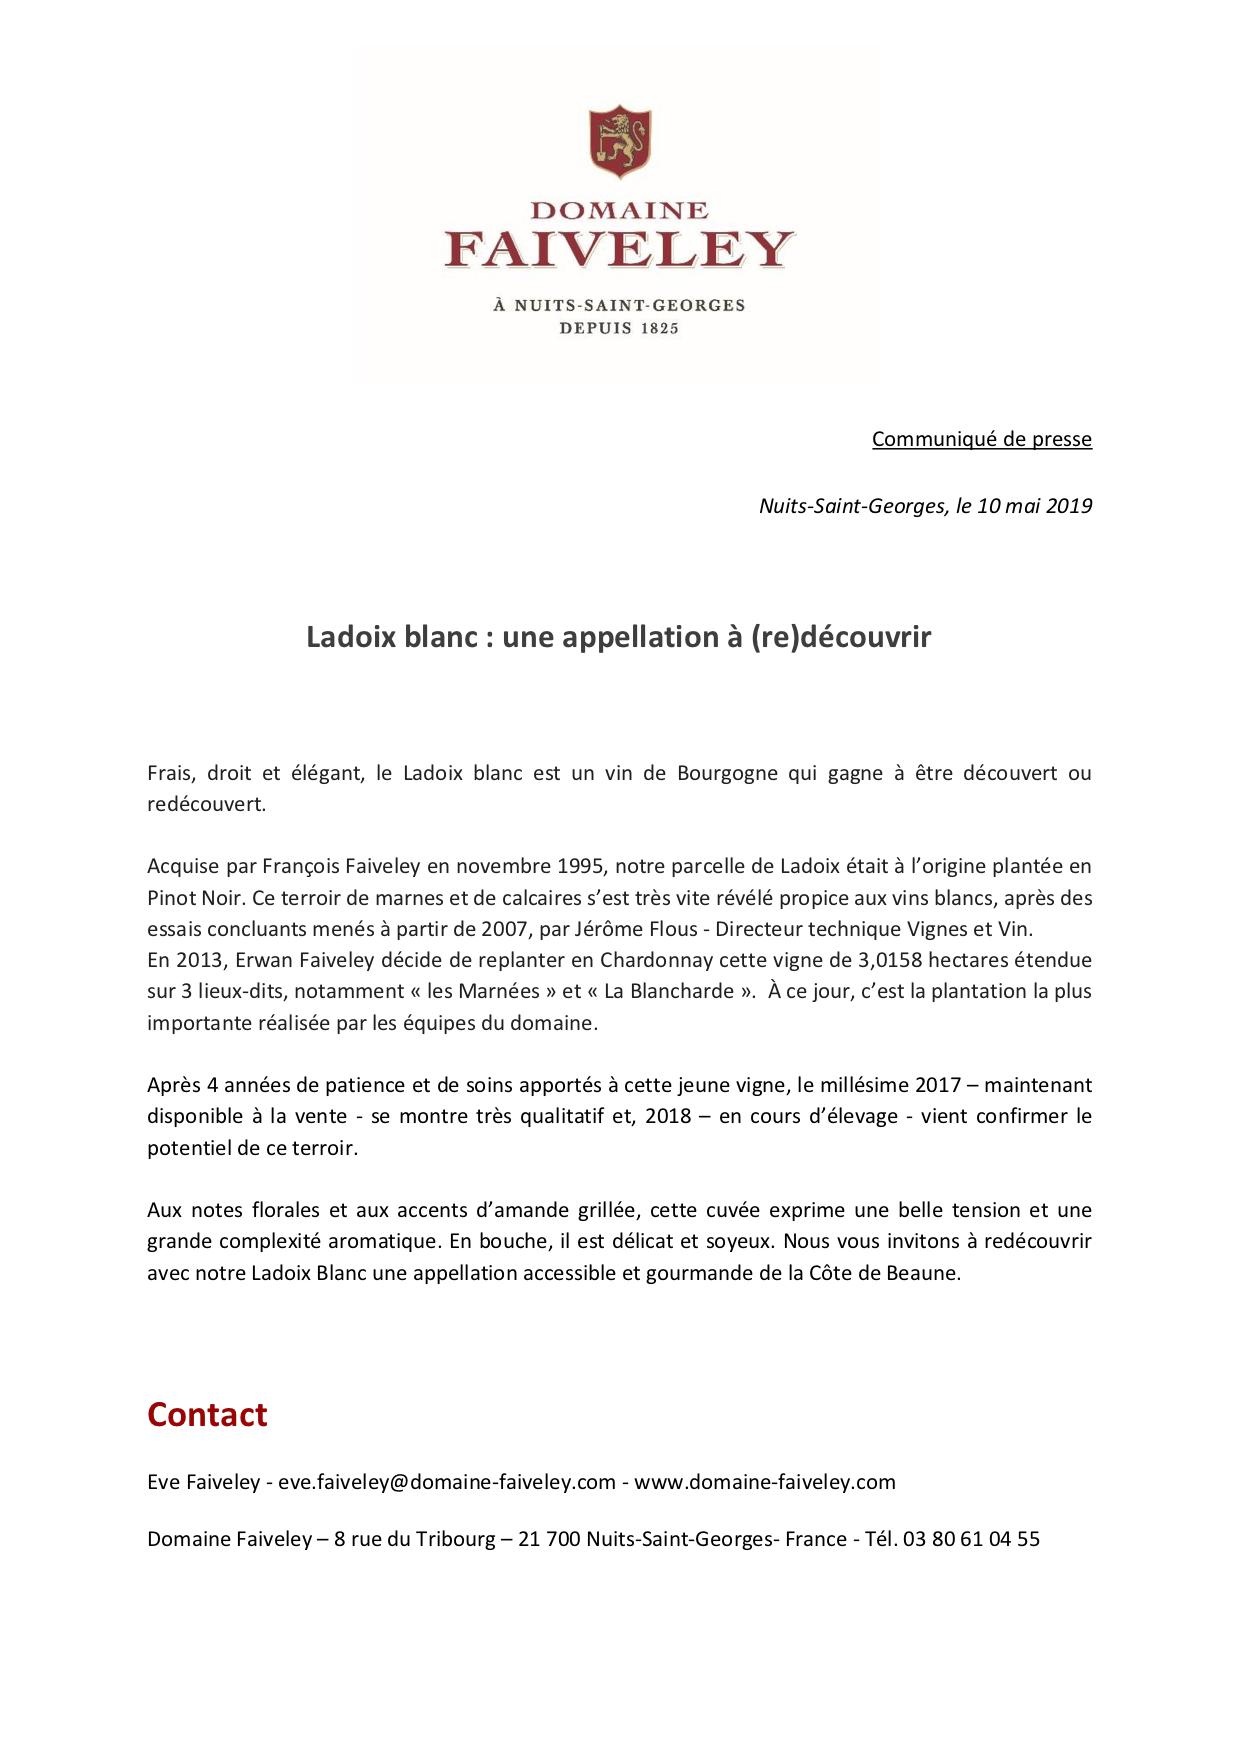 Communiqué de presse - Ladoix Blanc - Domaine Faiveley.png